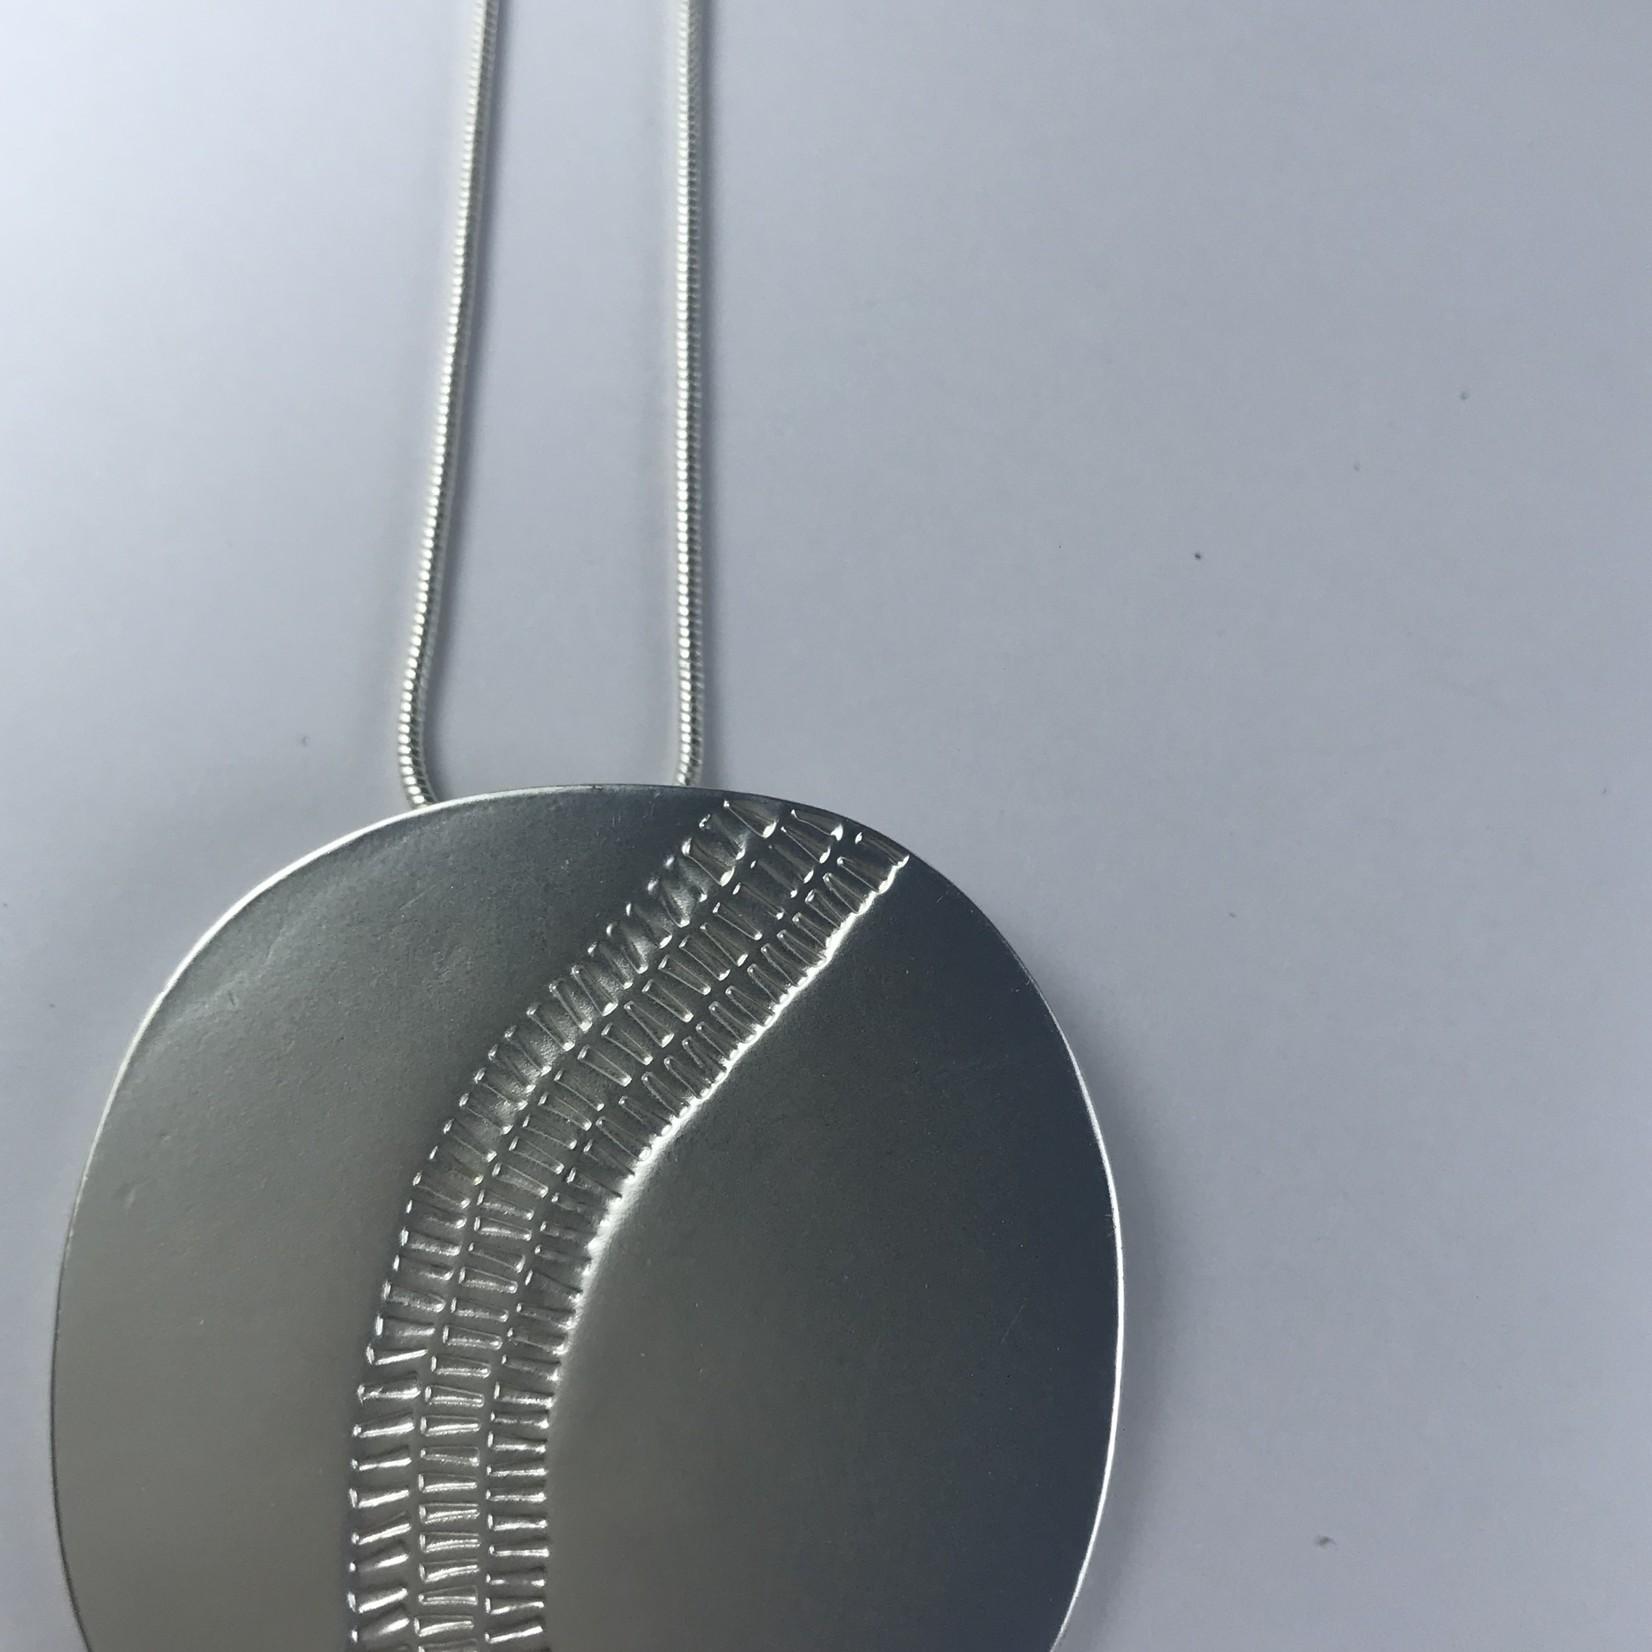 Axxes-Soir Ketting lang zilverkleurig hanger rond